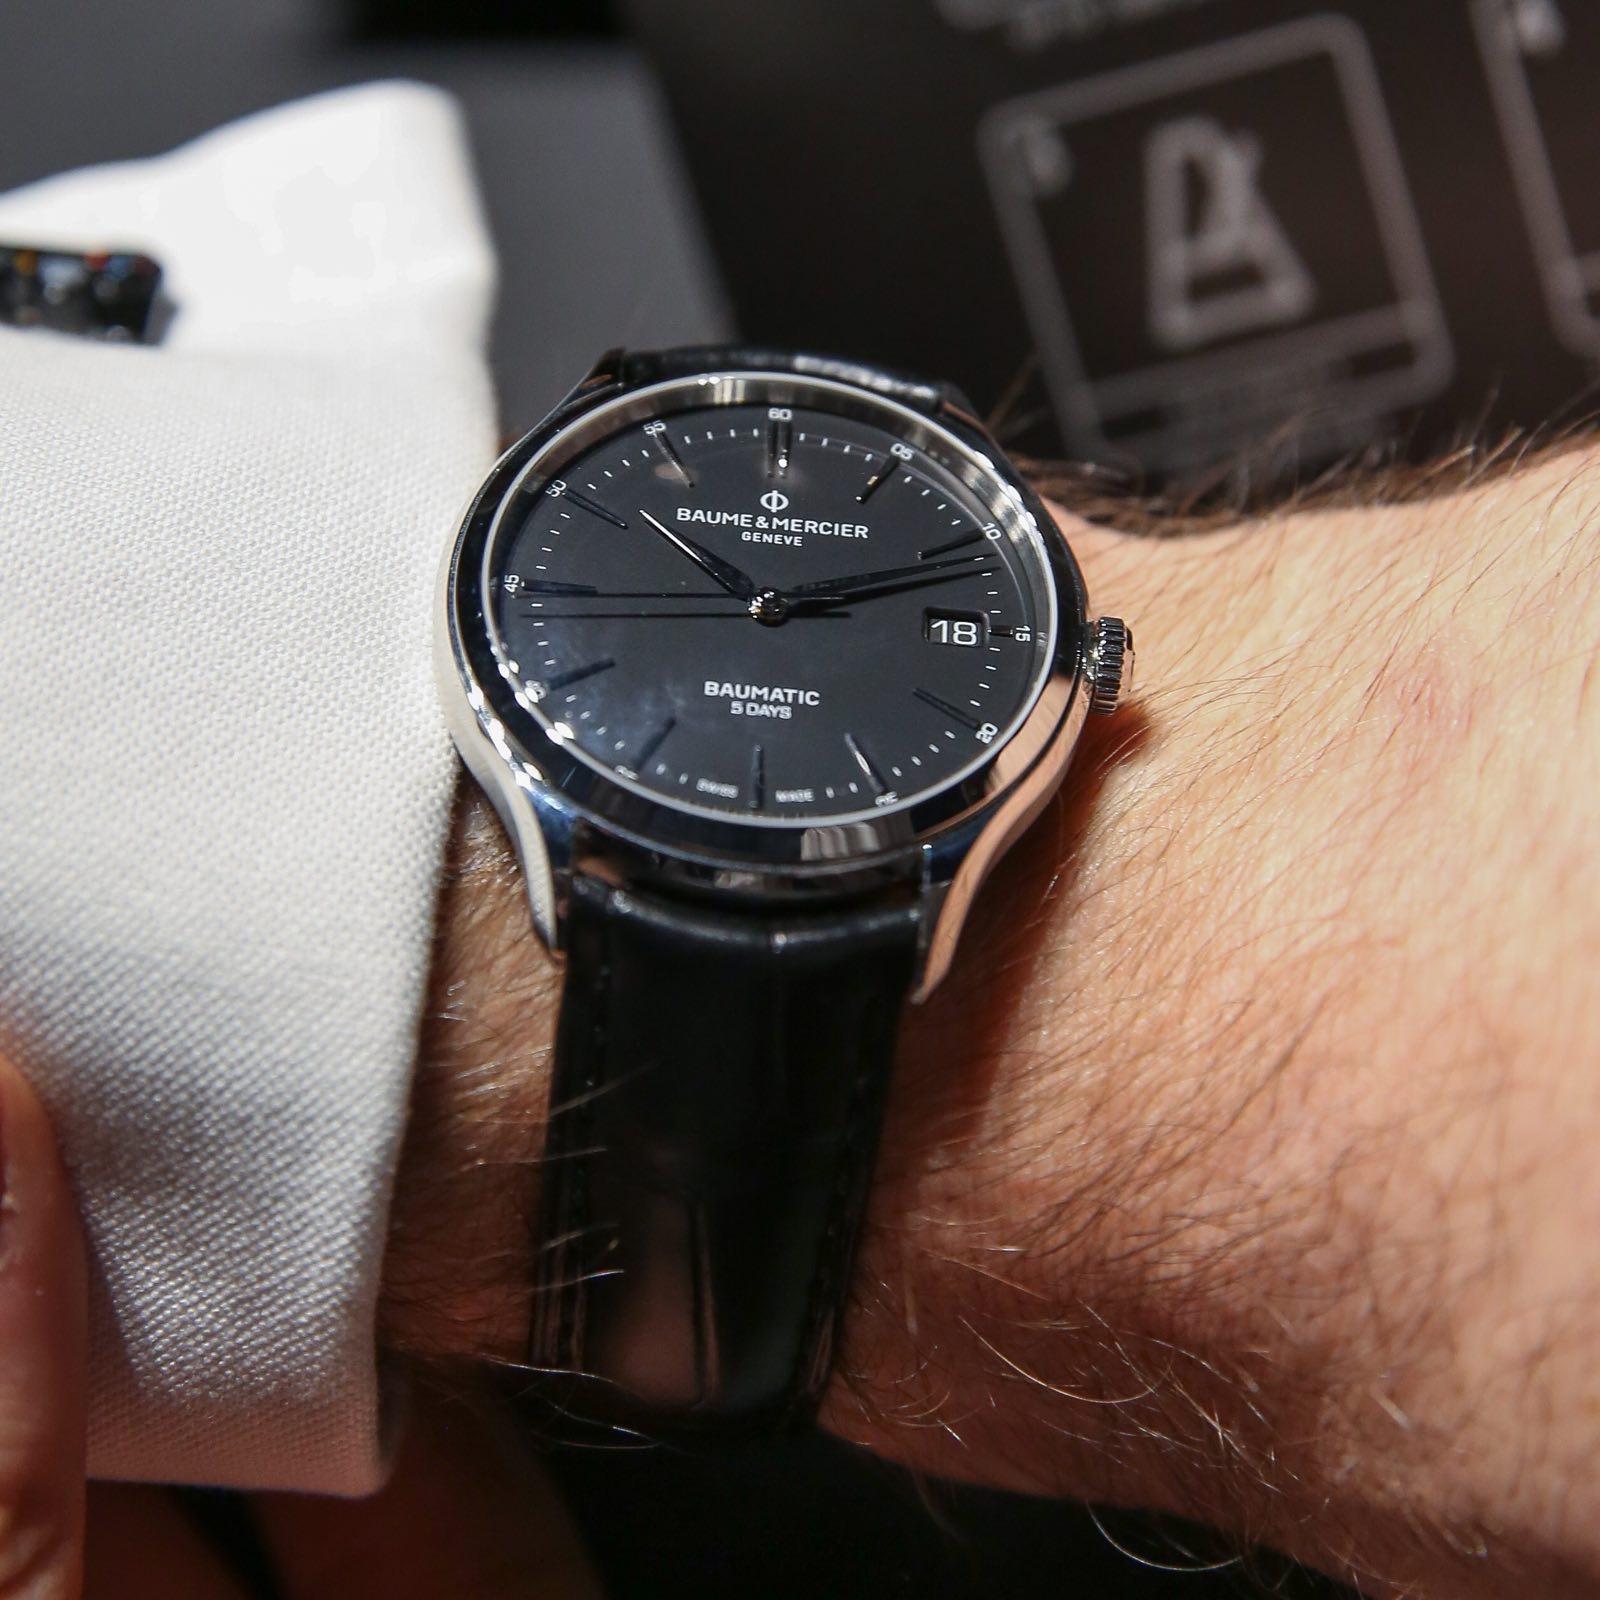 名士克里顿 Baumatic腕表